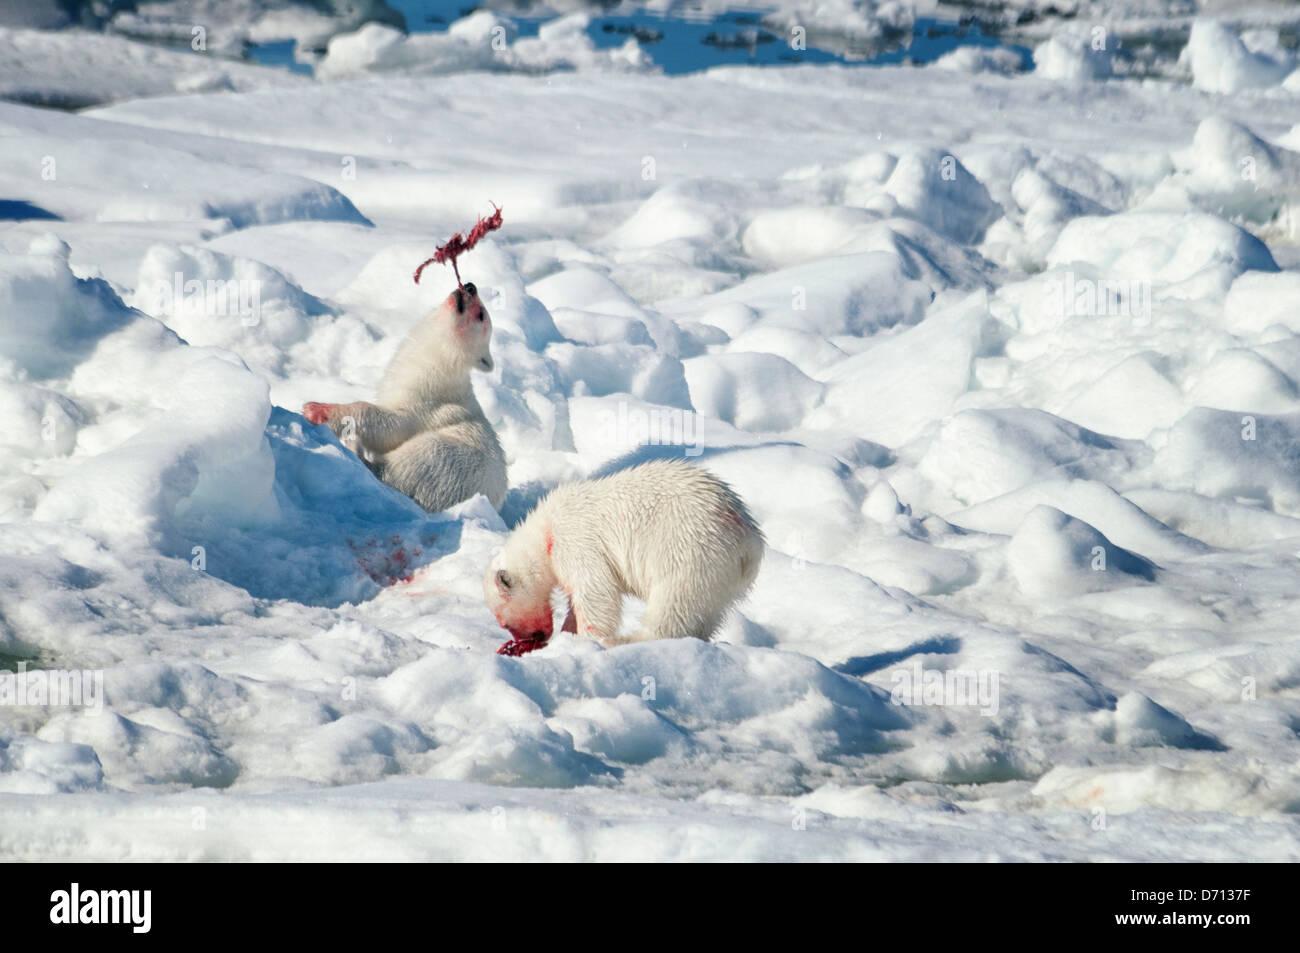 #10 dans une série d'images d'une mère Ours blanc, Ursus maritimus, traquant un sceau pour Photo Stock